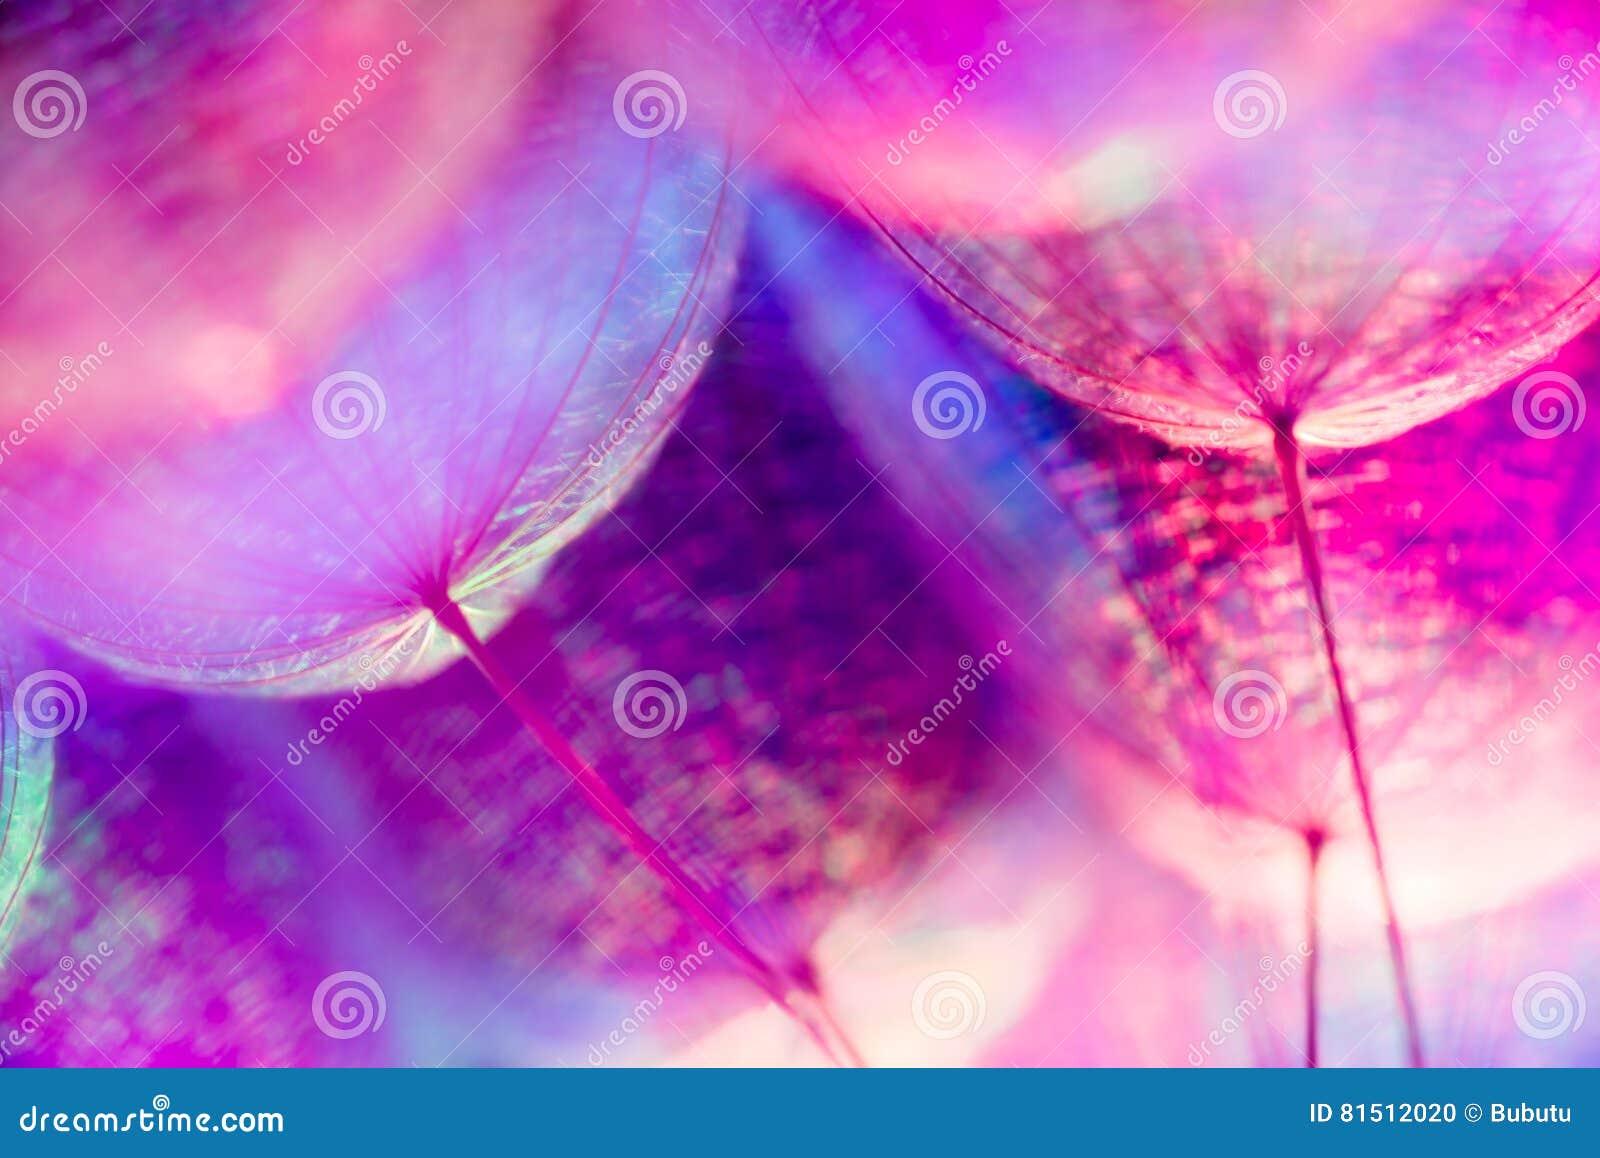 Fond en pastel coloré - fleur abstraite vive de pissenlit